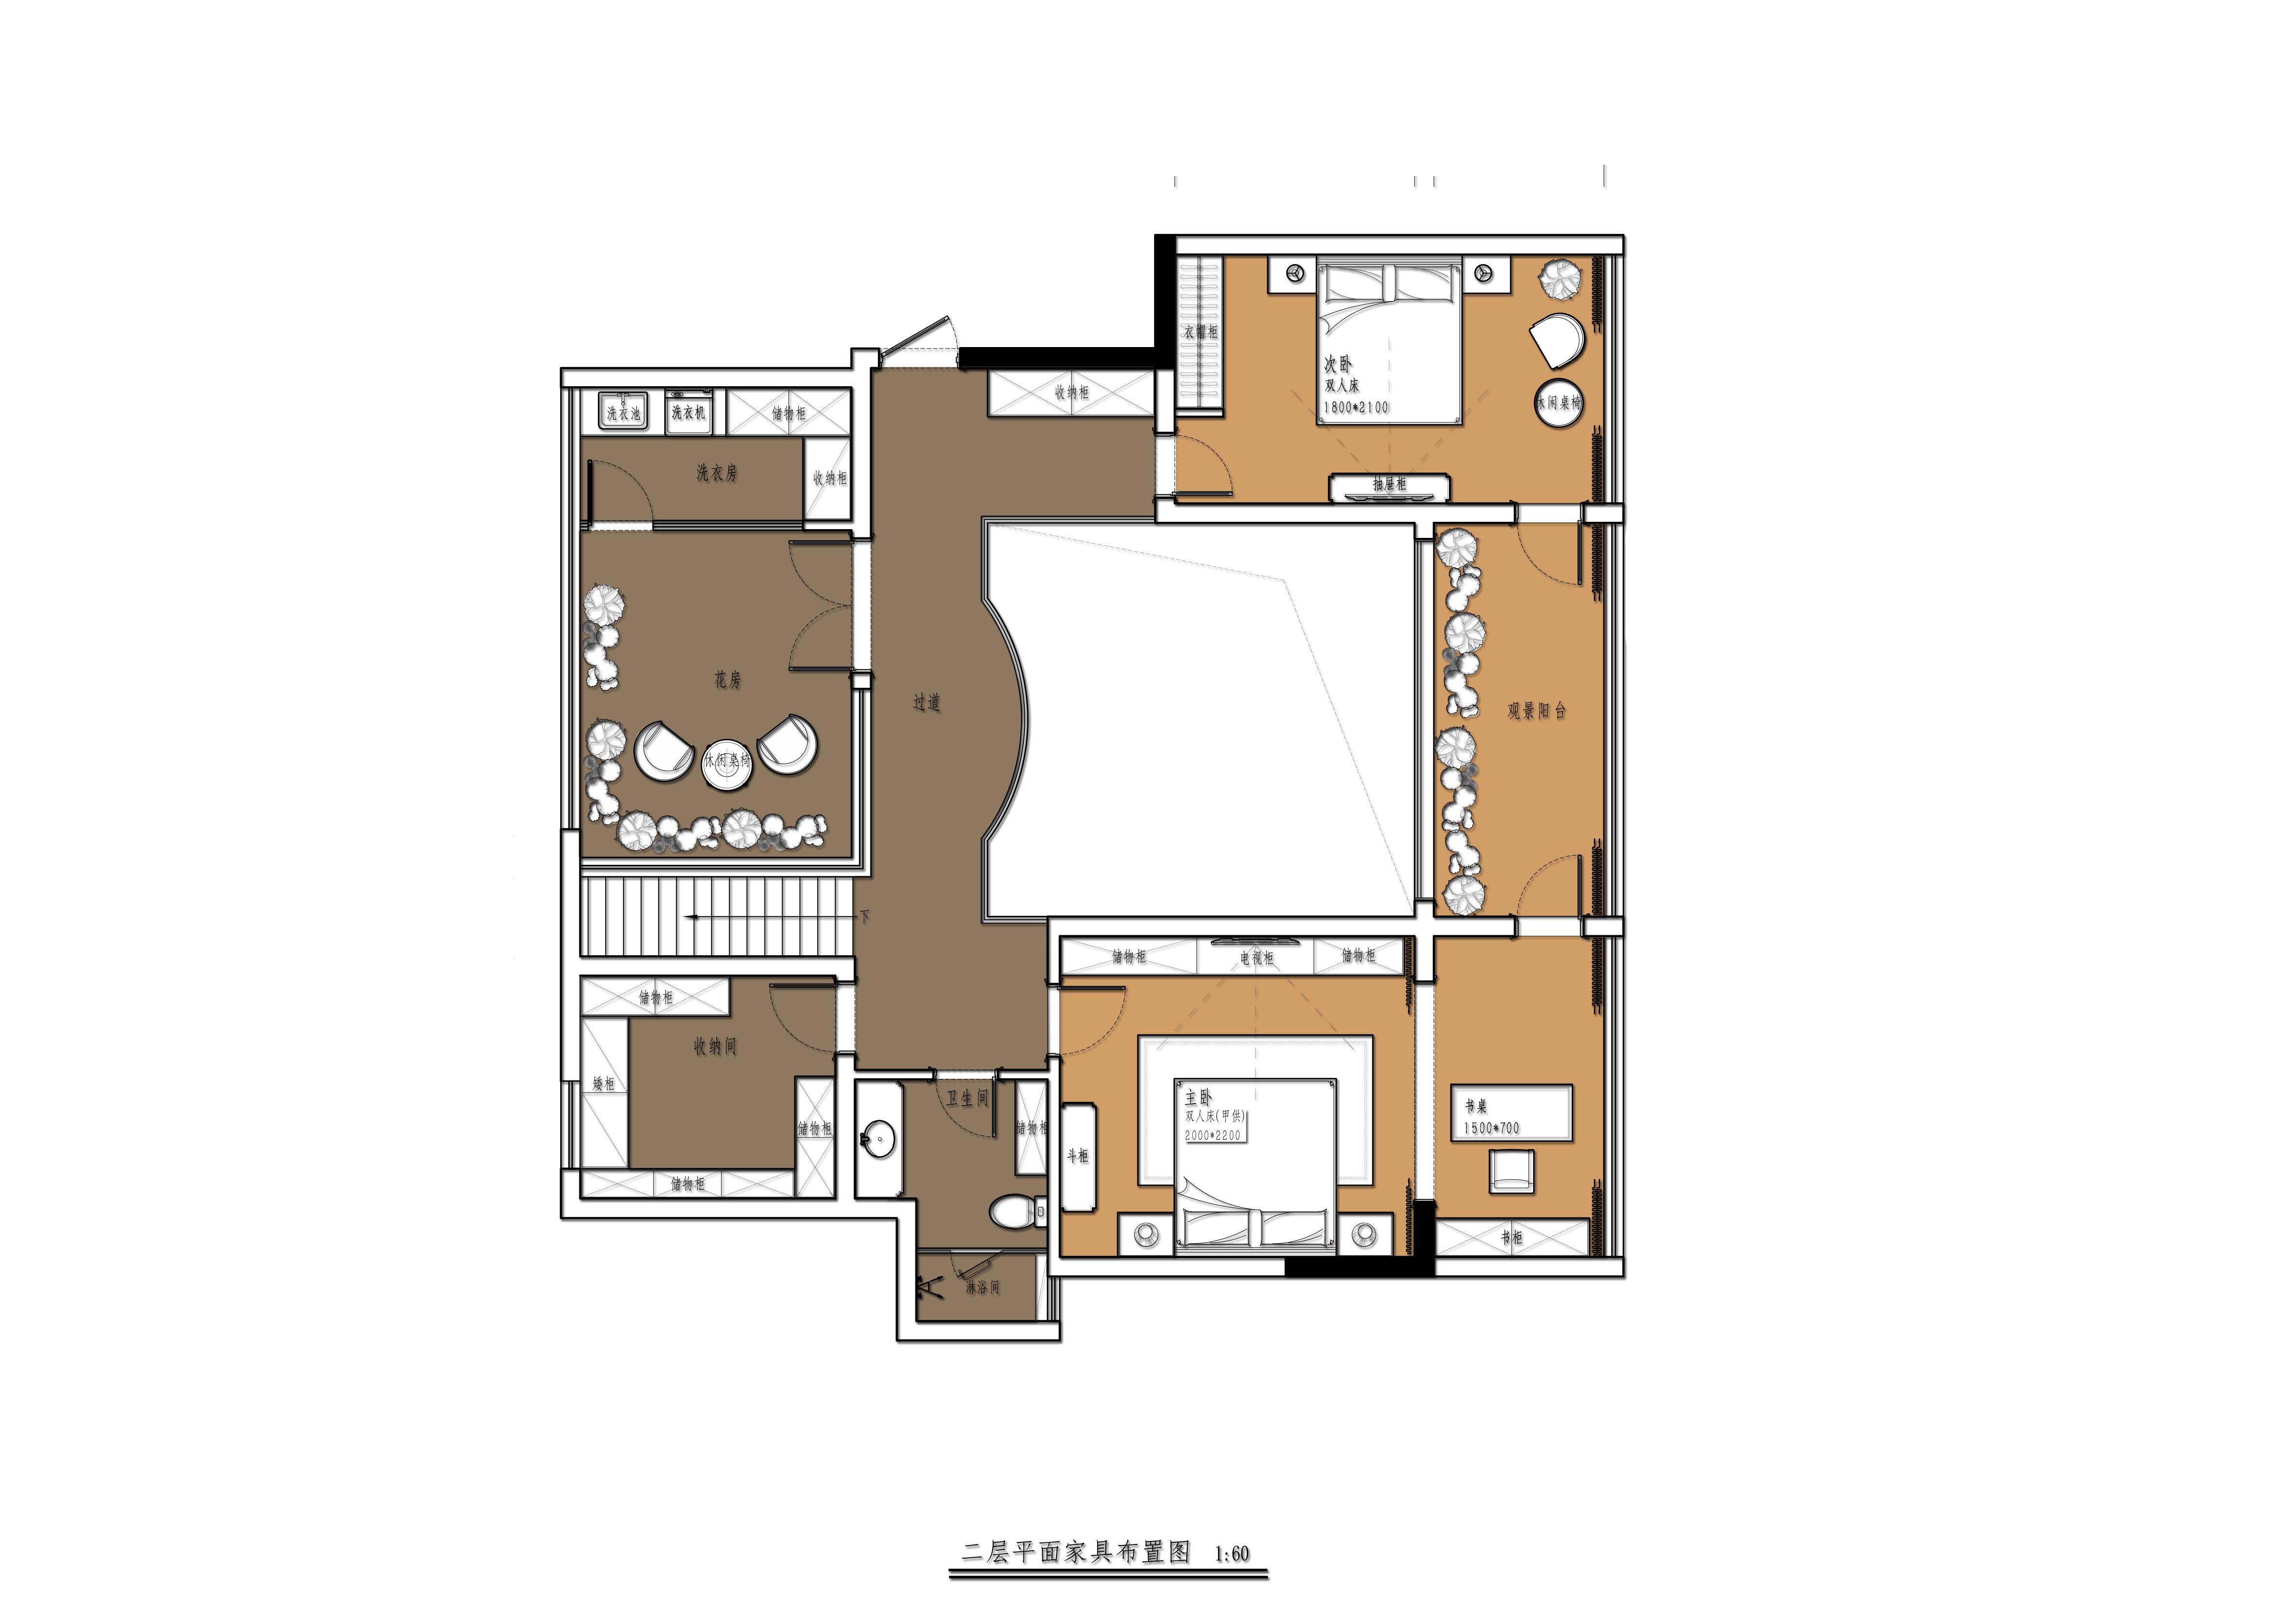 中航金城一号 184平顶层复式 美式风格装修设计理念